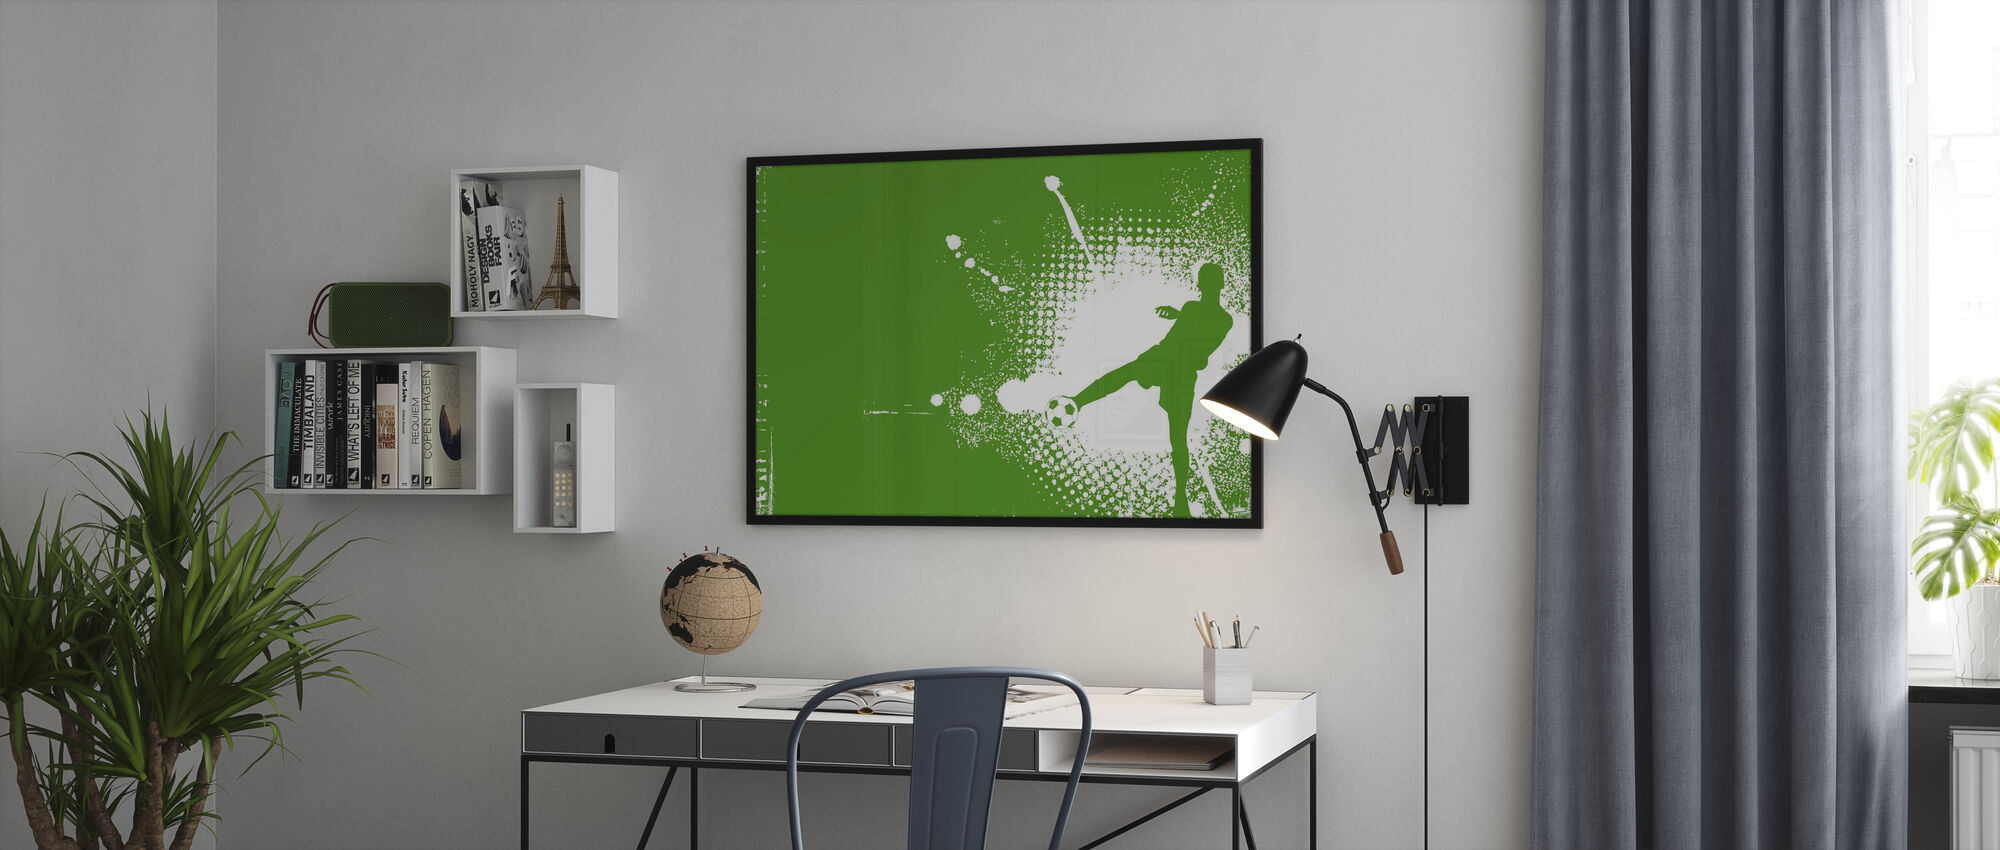 Voetbalspeler Groen - Poster - Kantoor